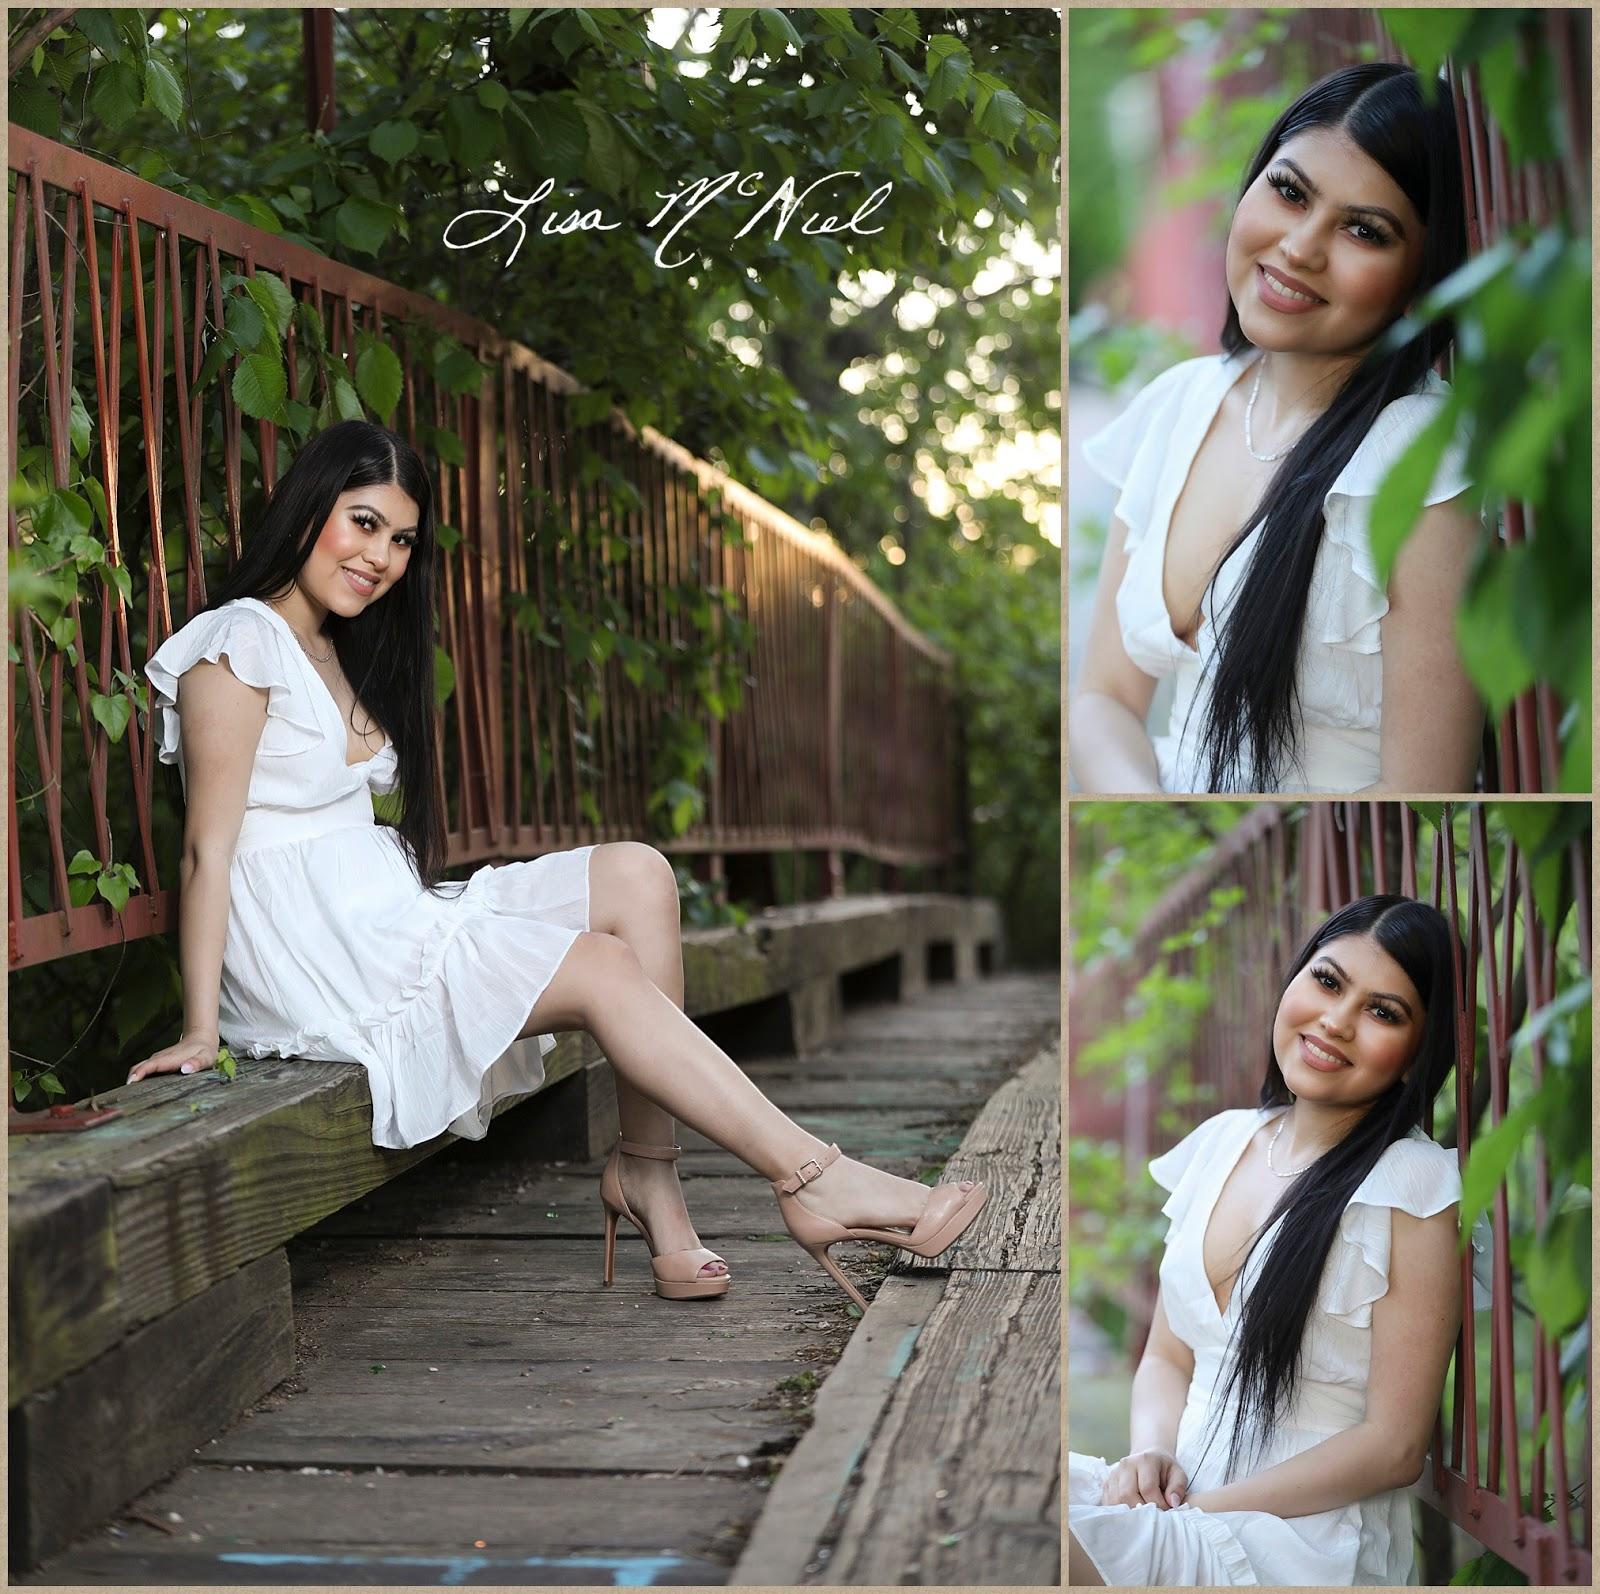 teen girl in white dress on vintage bridge